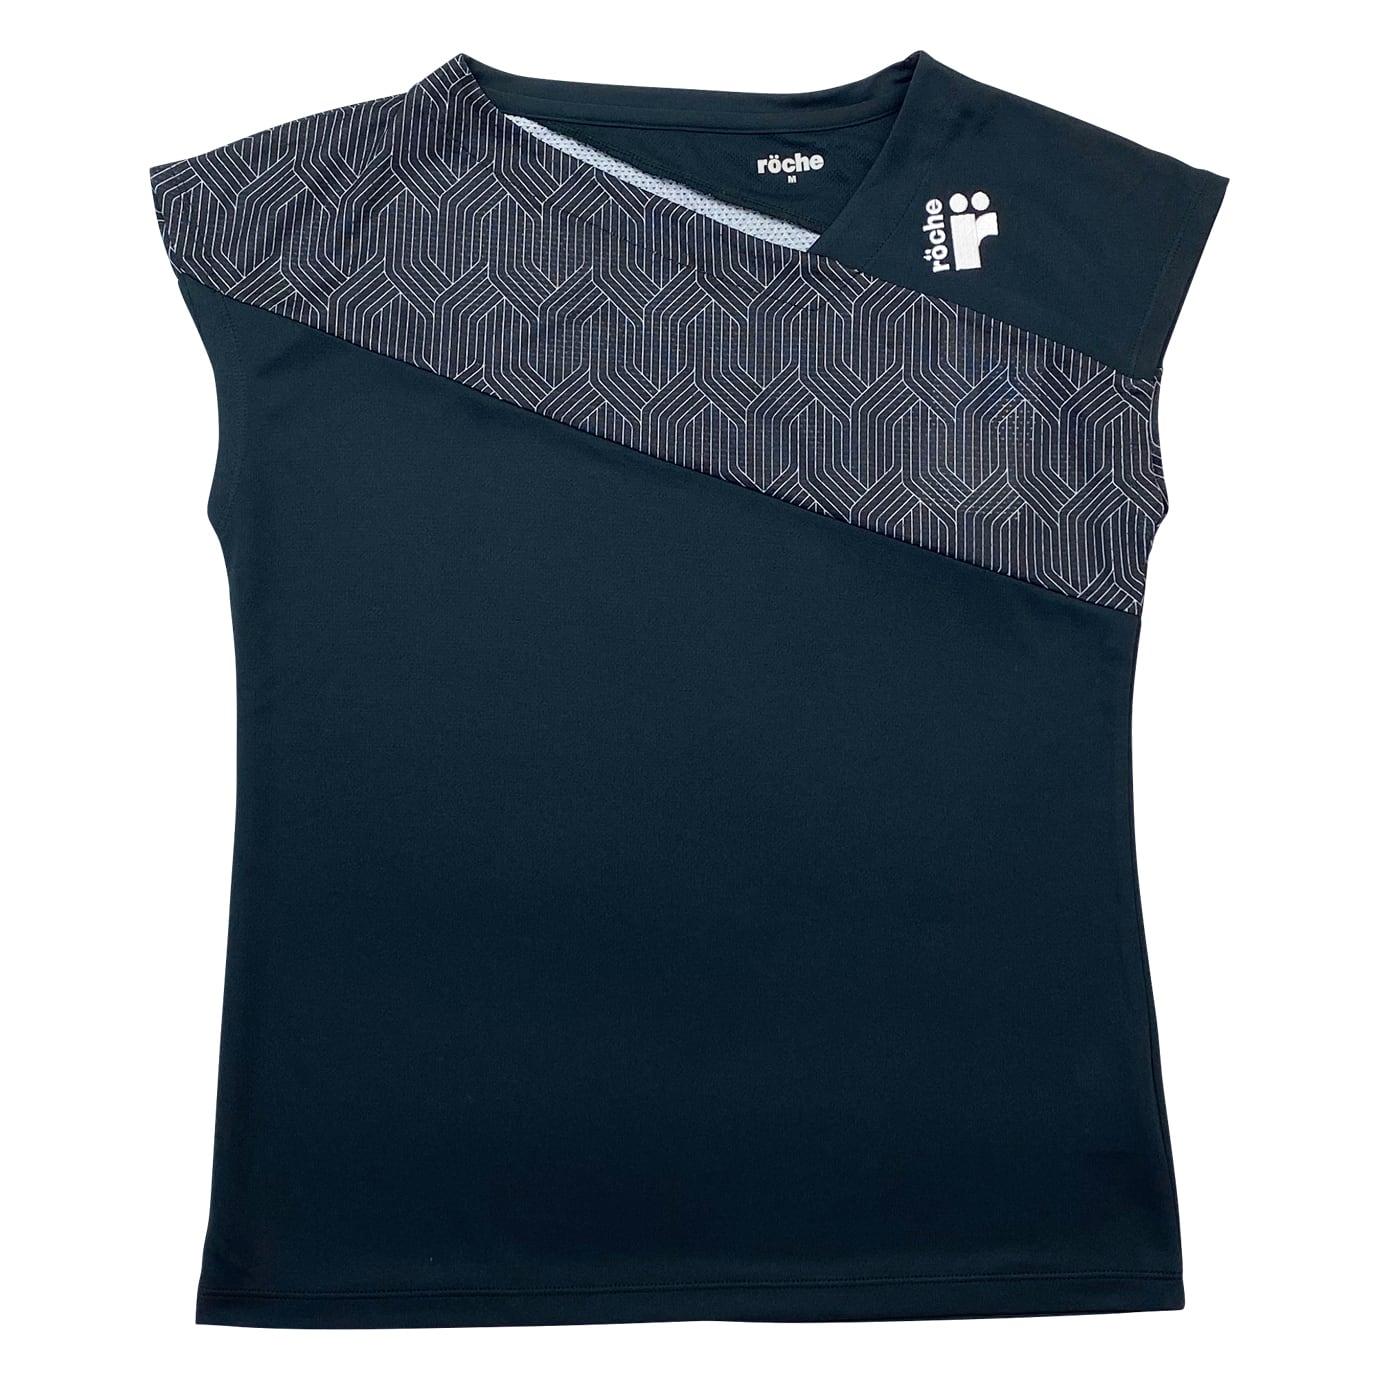 RB351レディースゲームシャツ